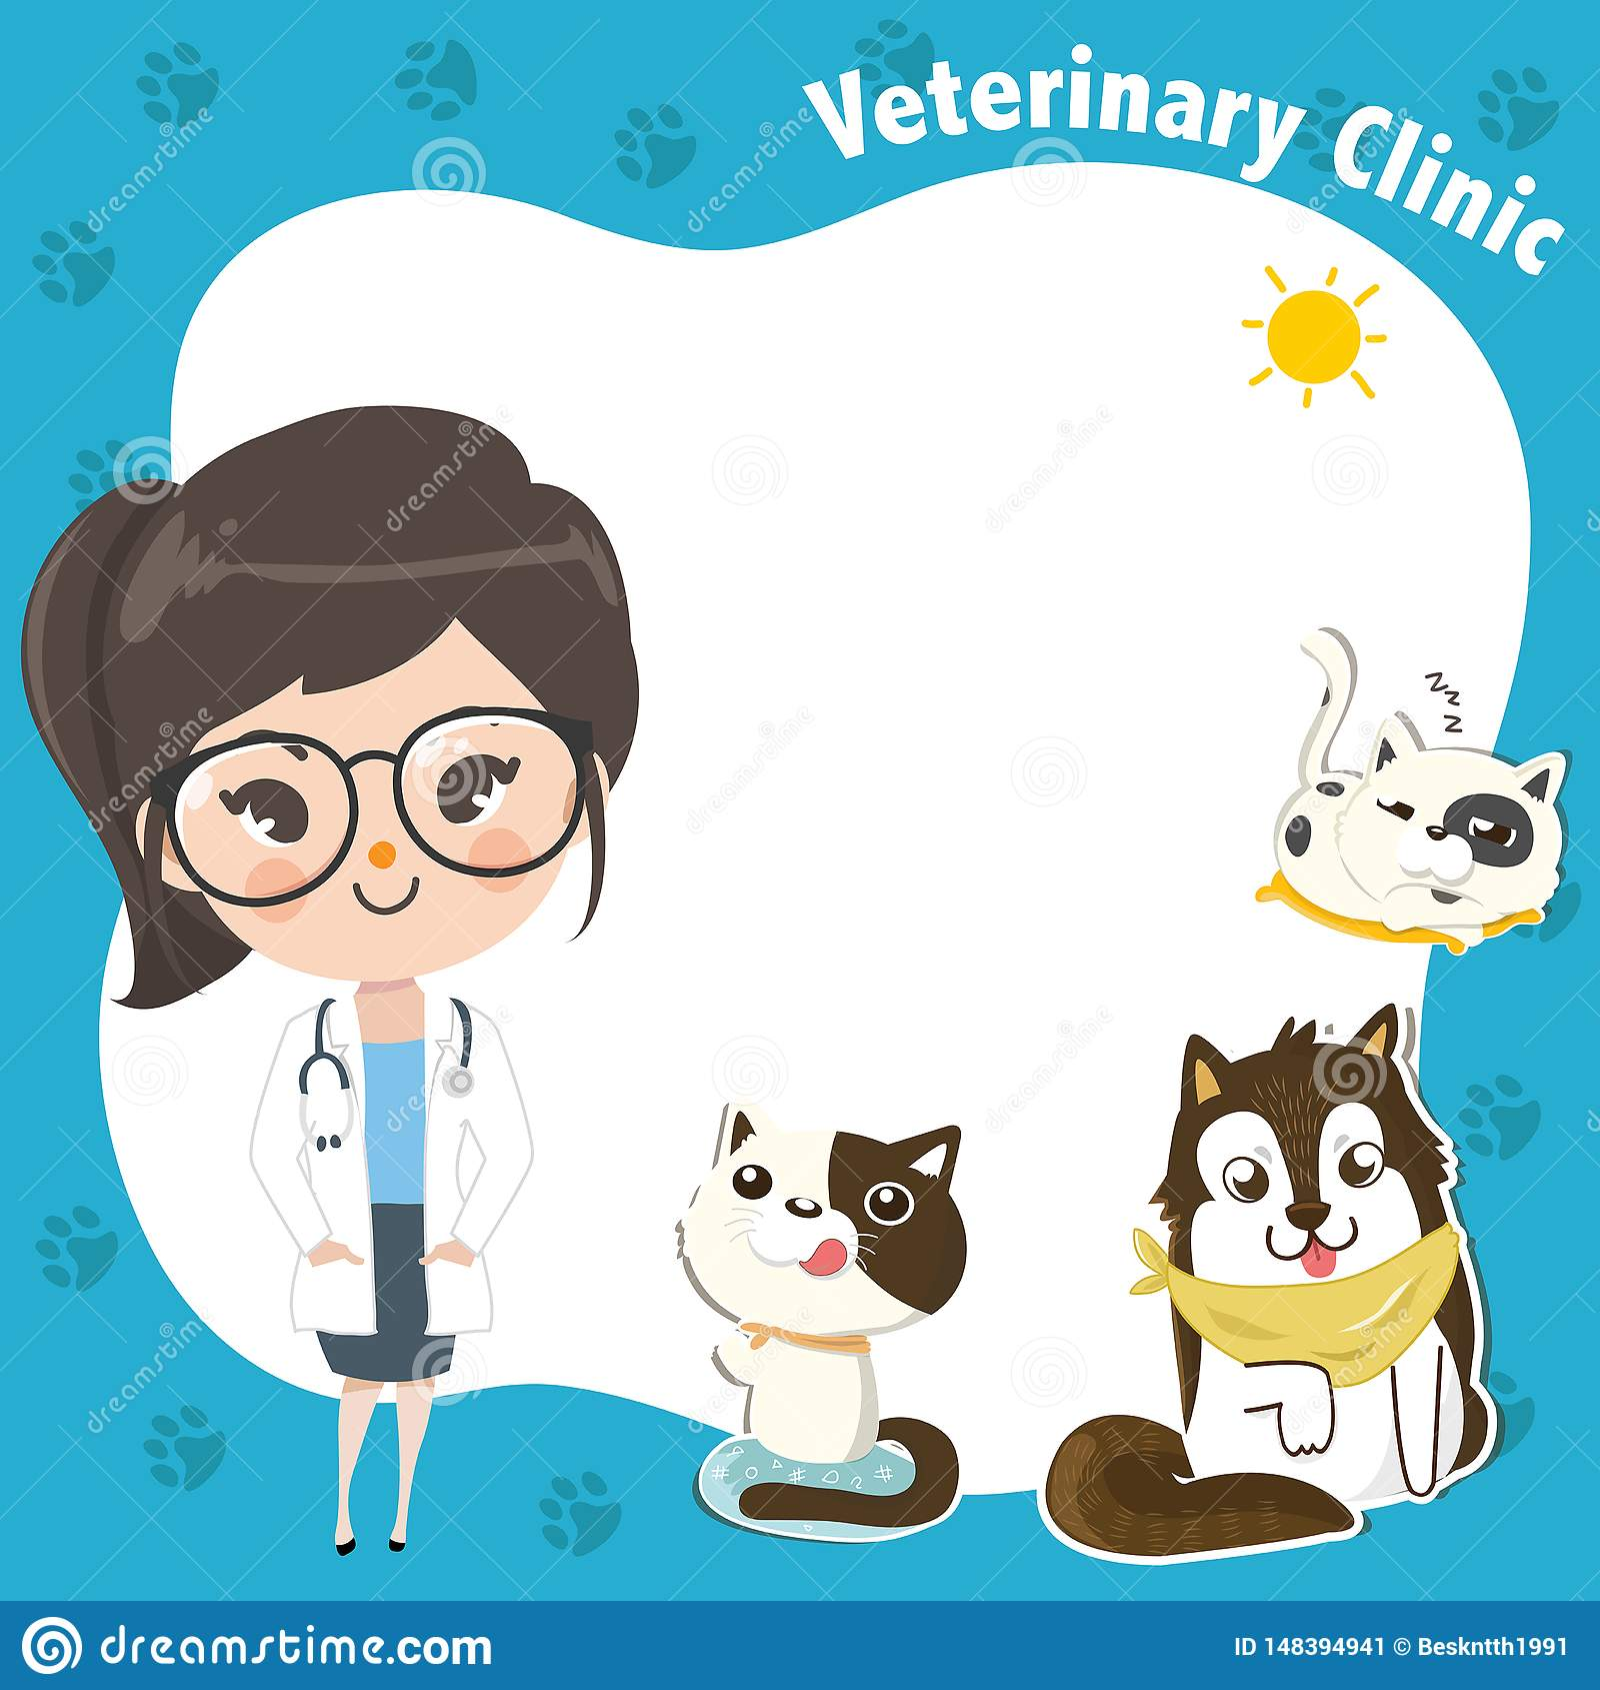 一个兽医诊所的模板与医生女孩和宠物